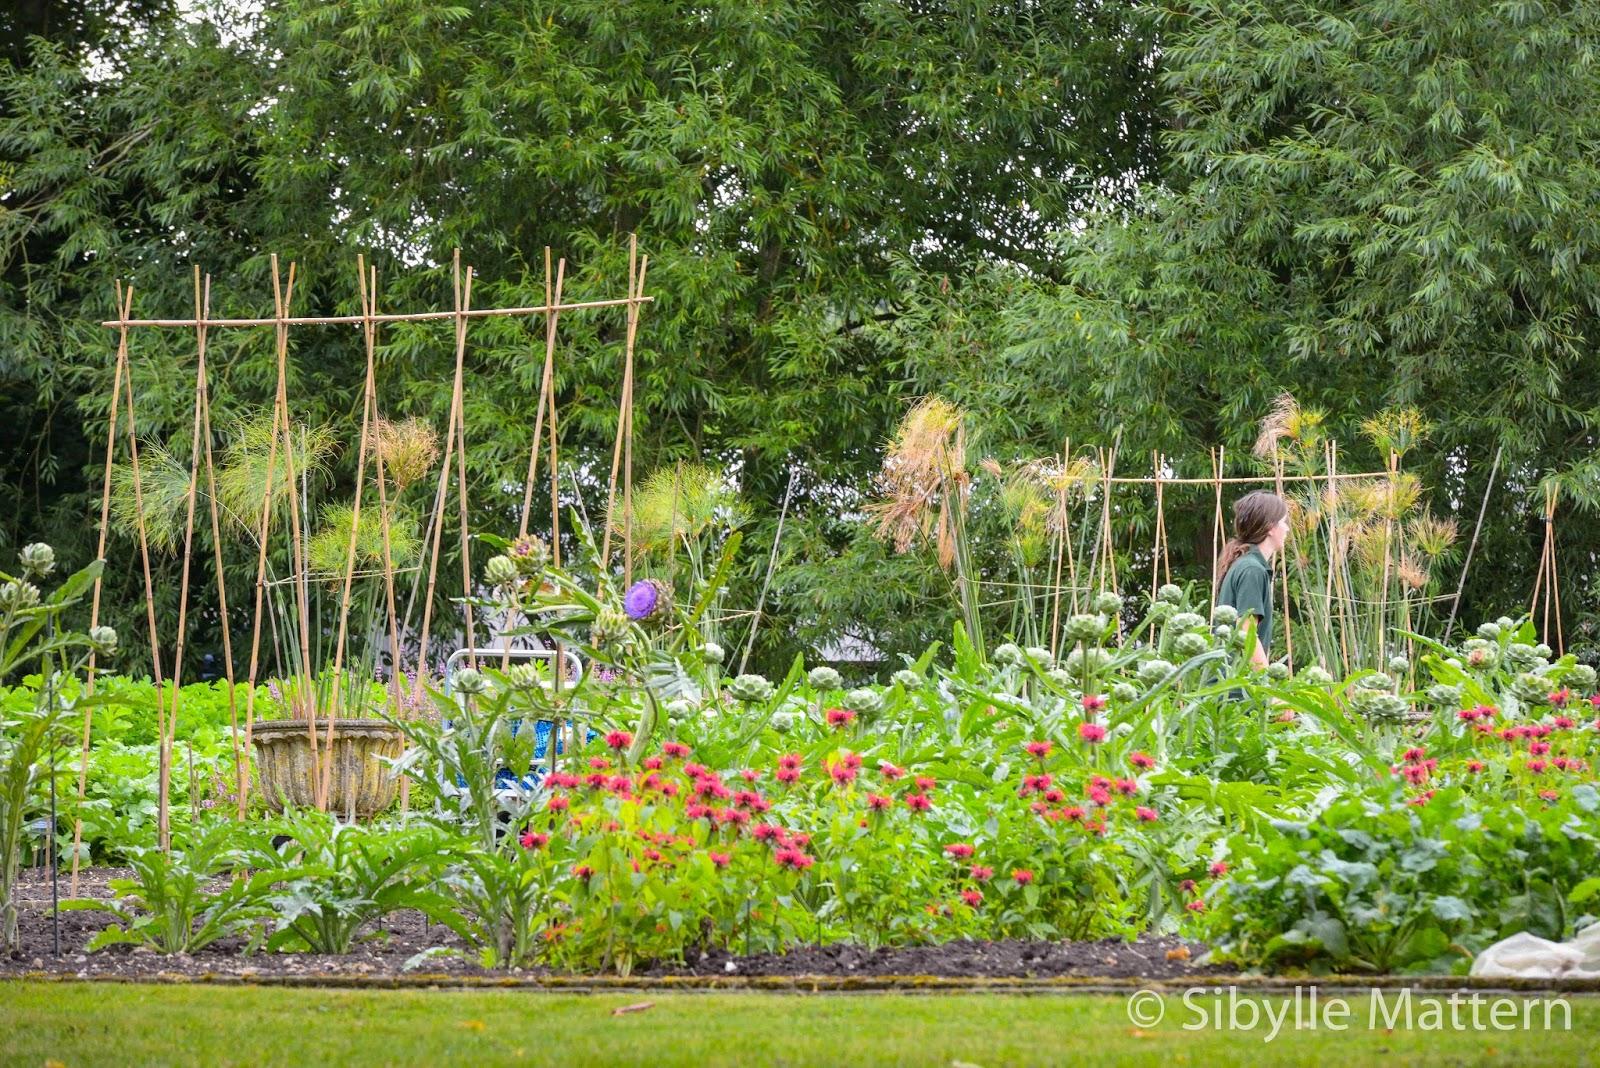 Kitchen Garden Blog Sibylles Blog Mohn Imagescom Garden Visit Le Manoir Aux Quat